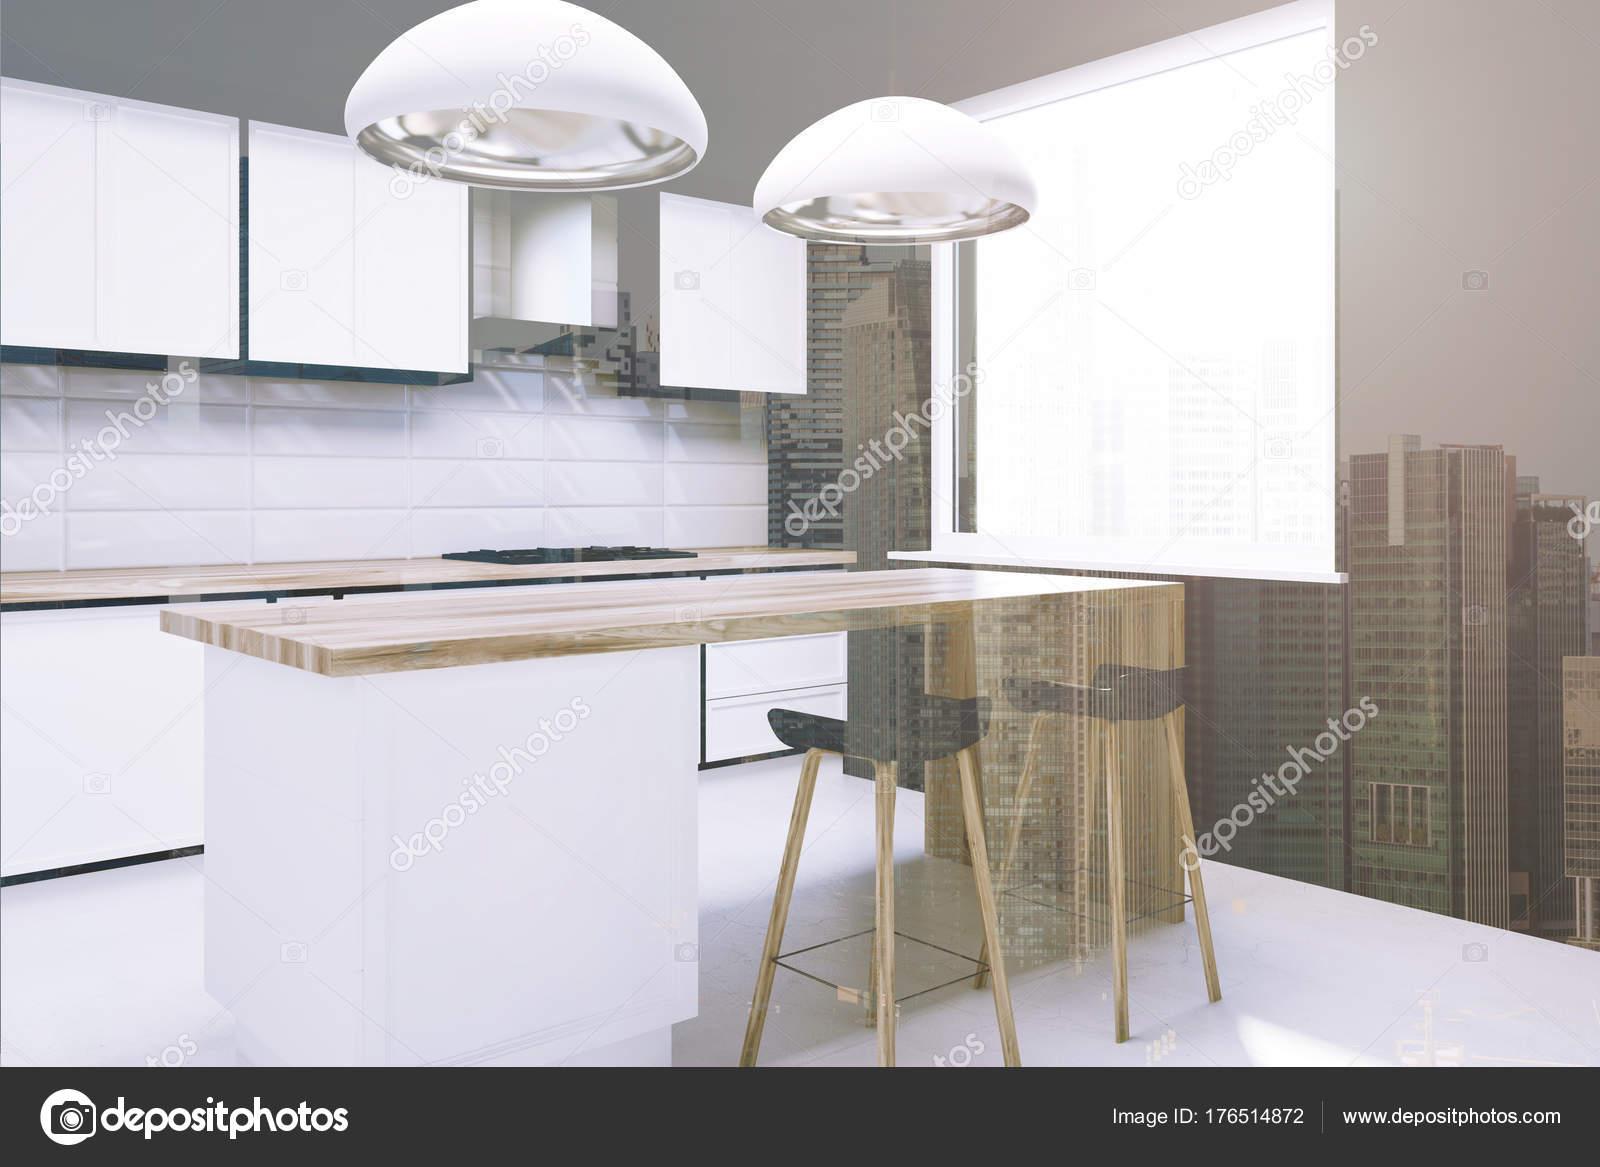 Cucina di piastrelle bianche con un bar, lato tonica — Foto Stock ...